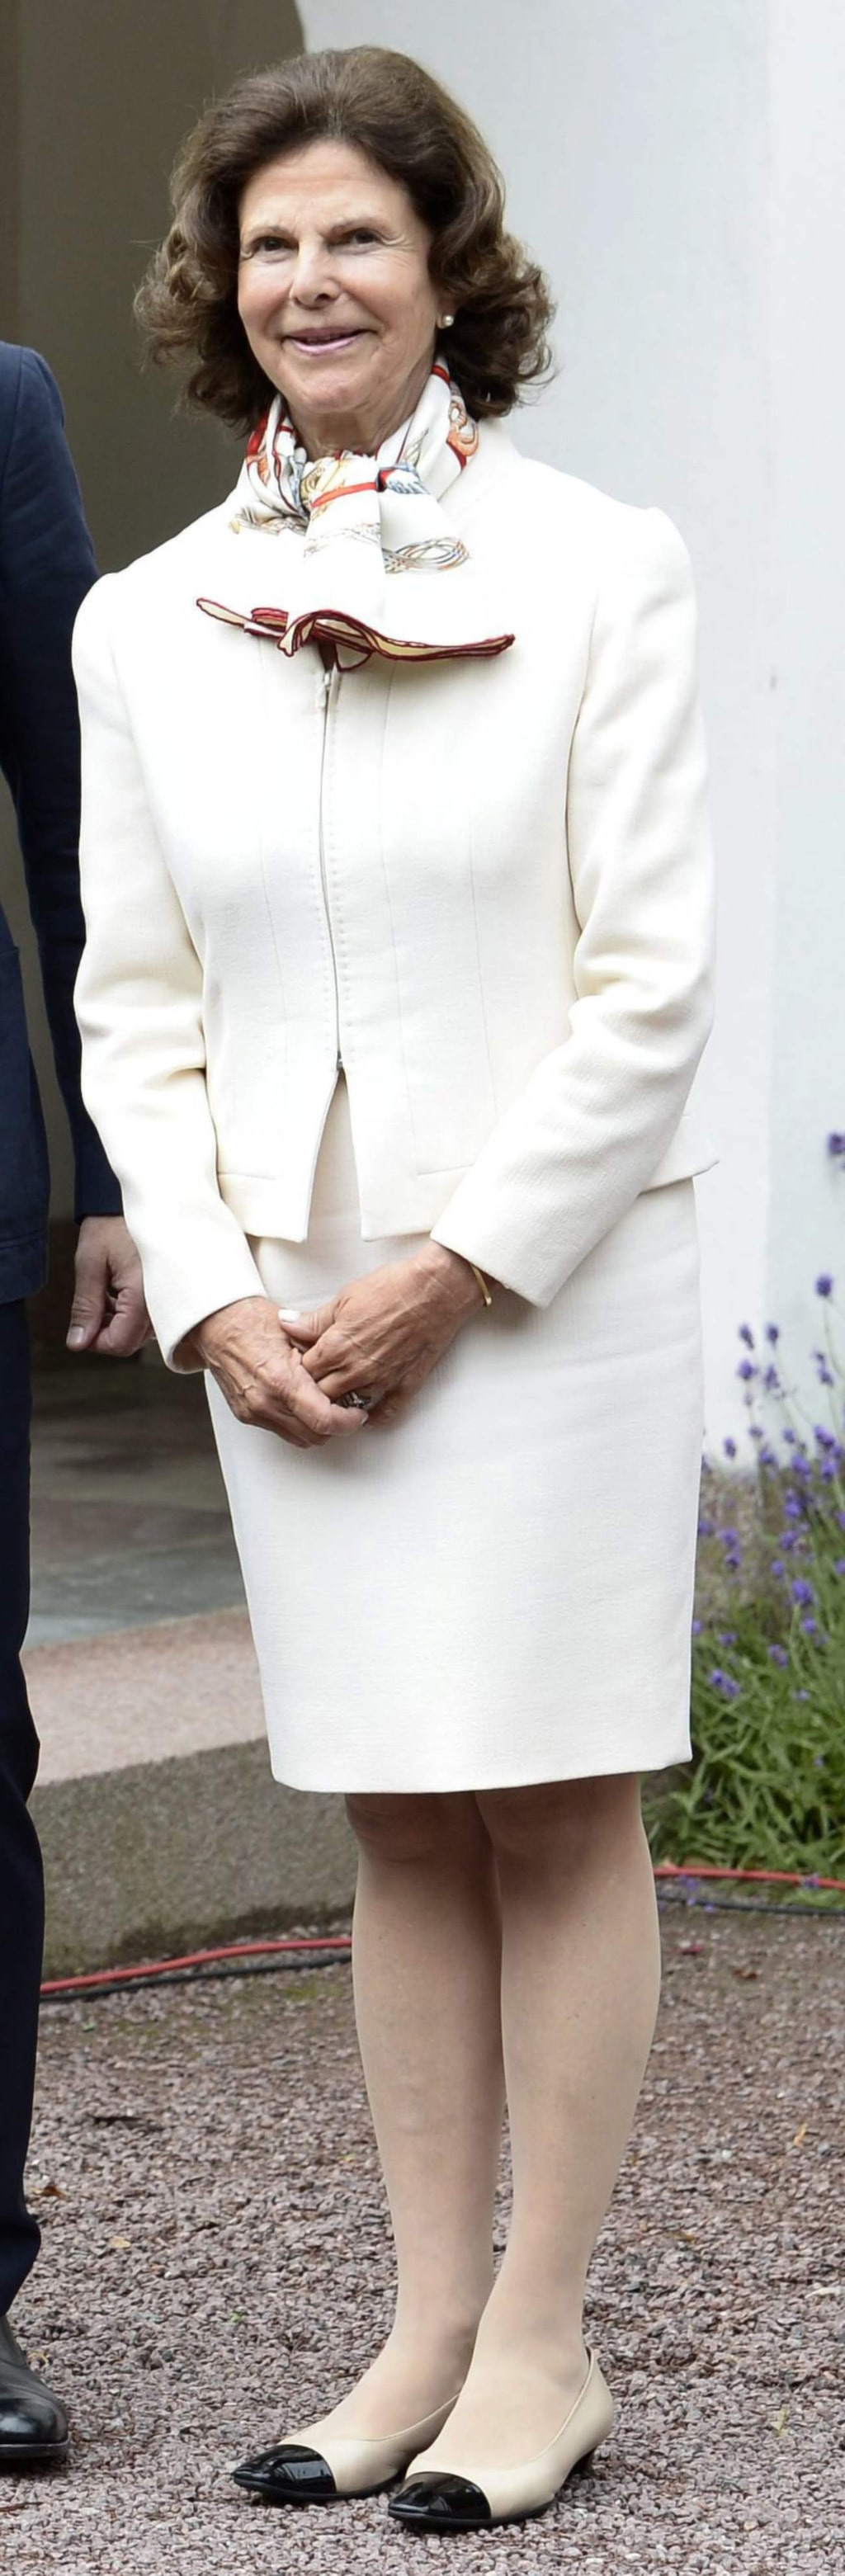 Drottning Silvia i vit dräkt på kronprinsessans födelsedag i juli 2015.